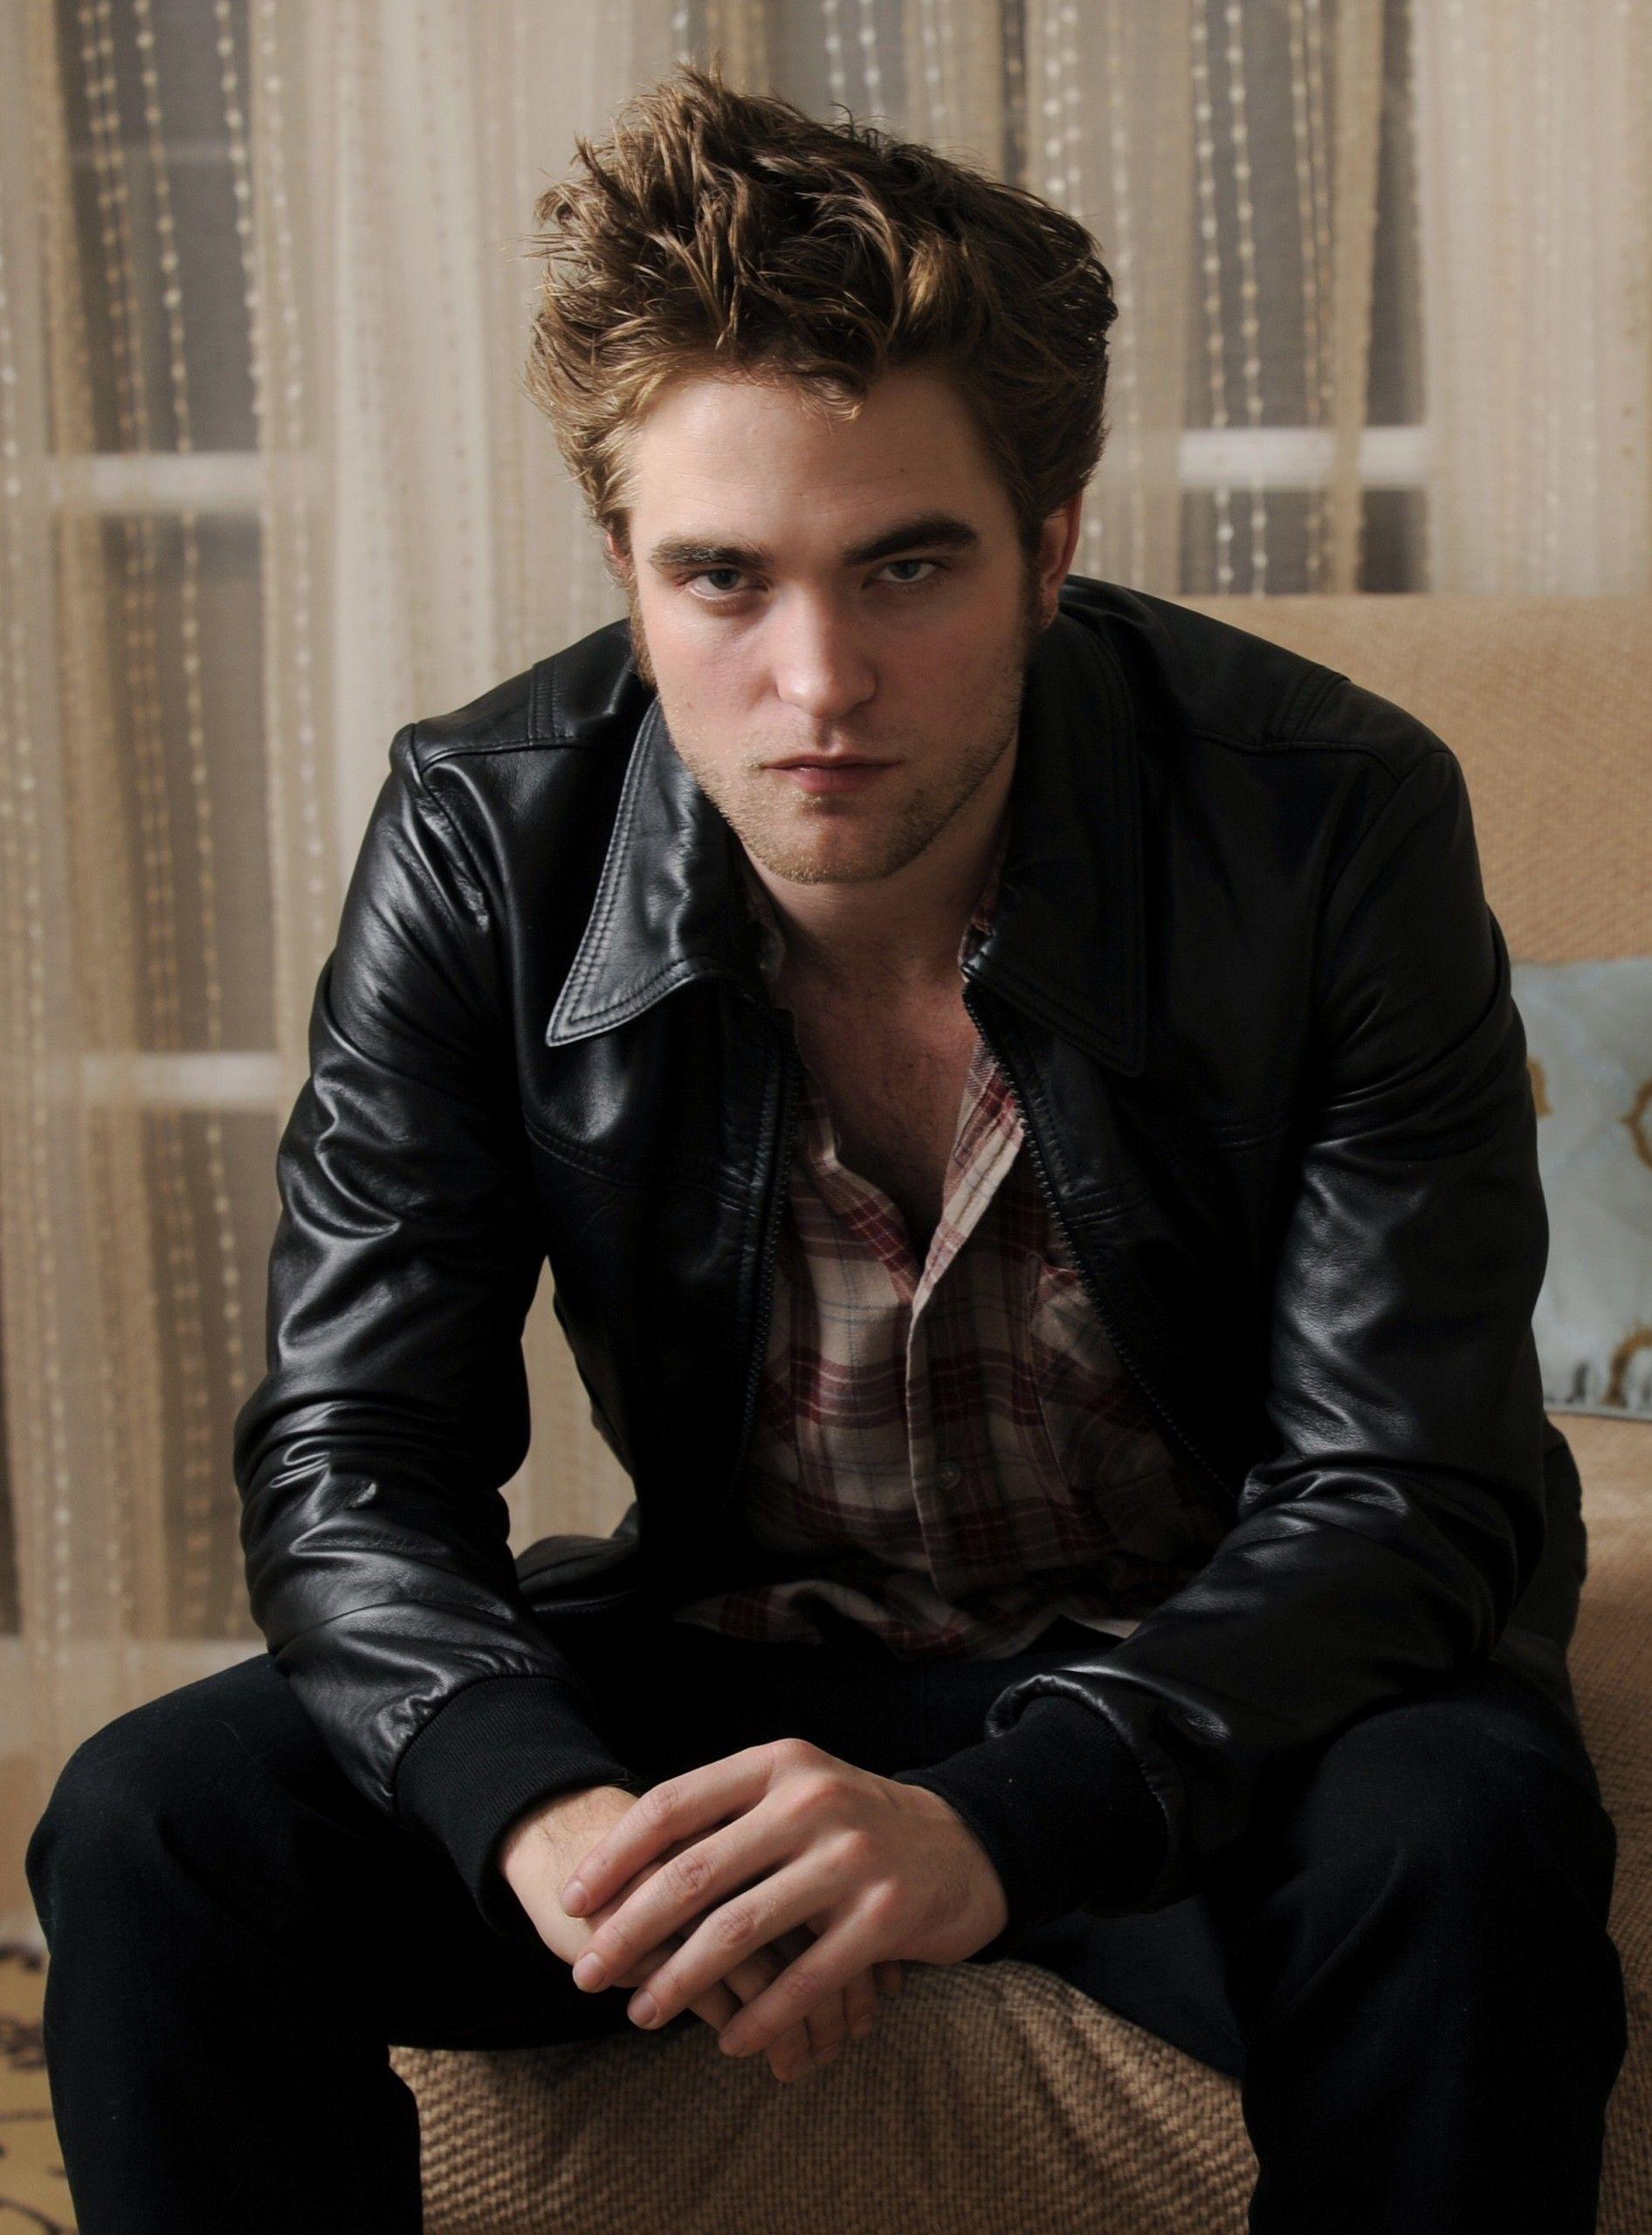 Robert Pattinson fans furious at Sexiest Man poll